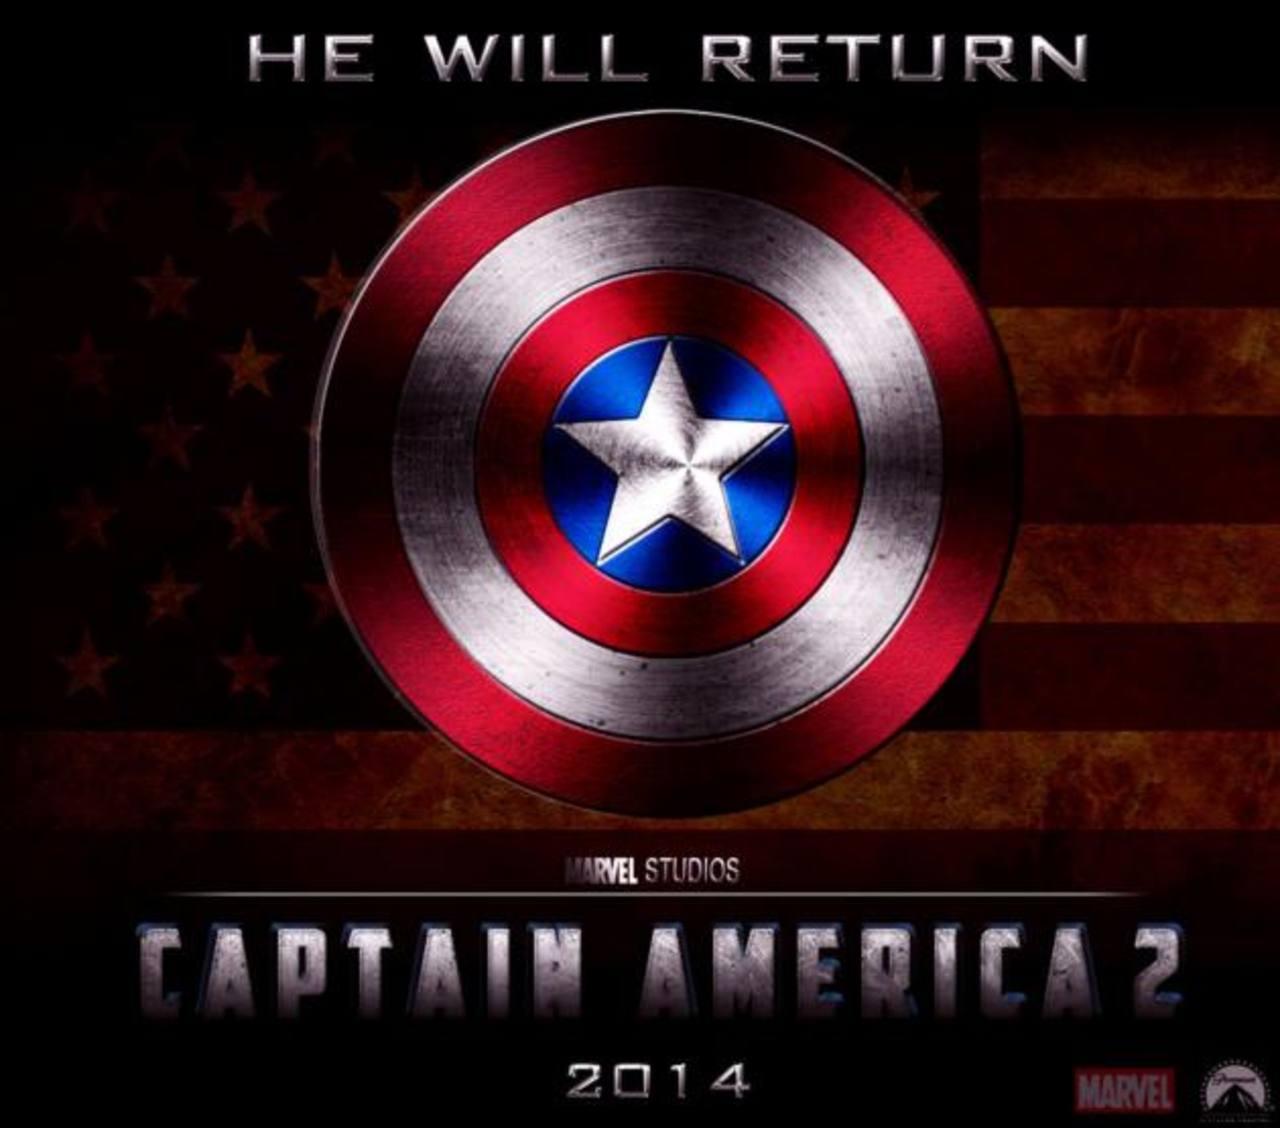 """Capitán América vence a """"Rio 2"""" en la taquilla norteamericana"""